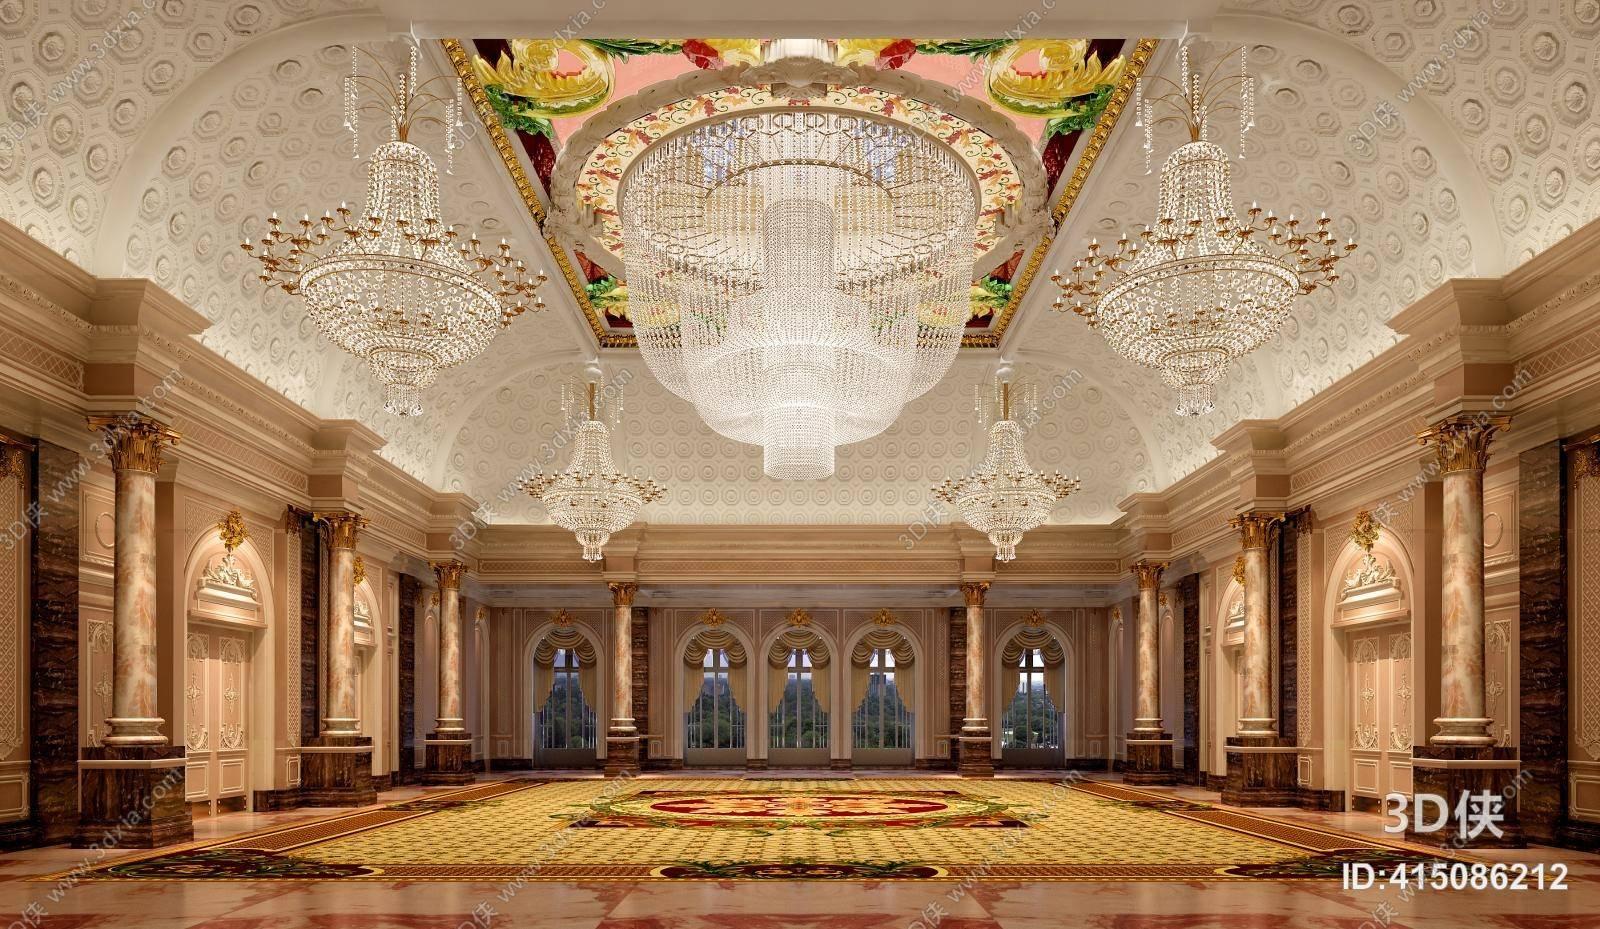 2010,建议使用3dmax 2012 软件打开,该欧式古典酒店大堂图片素材大小